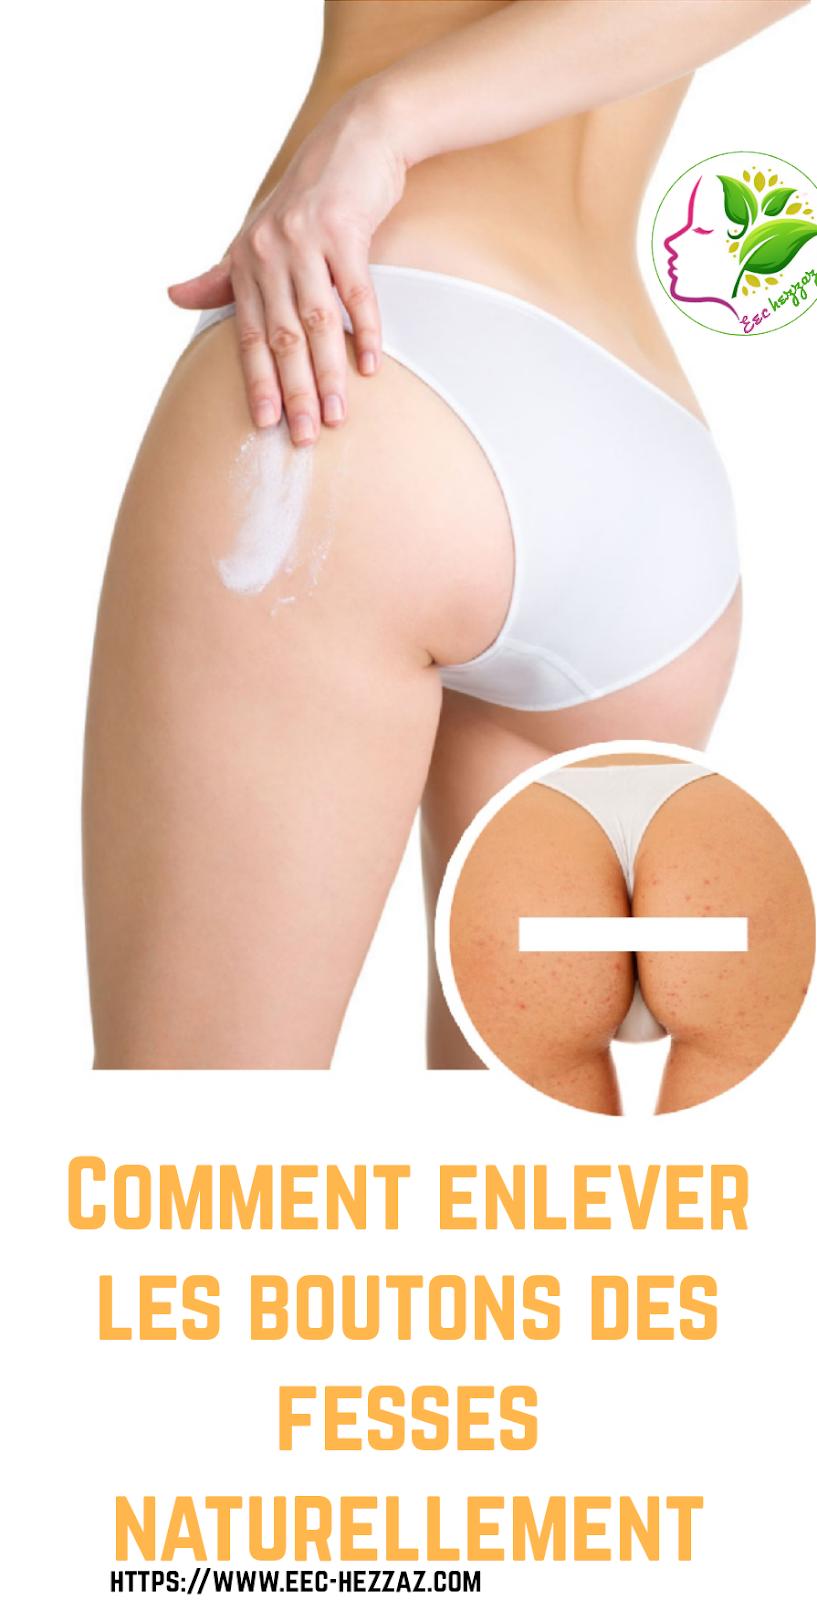 Comment enlever les boutons des fesses naturellement